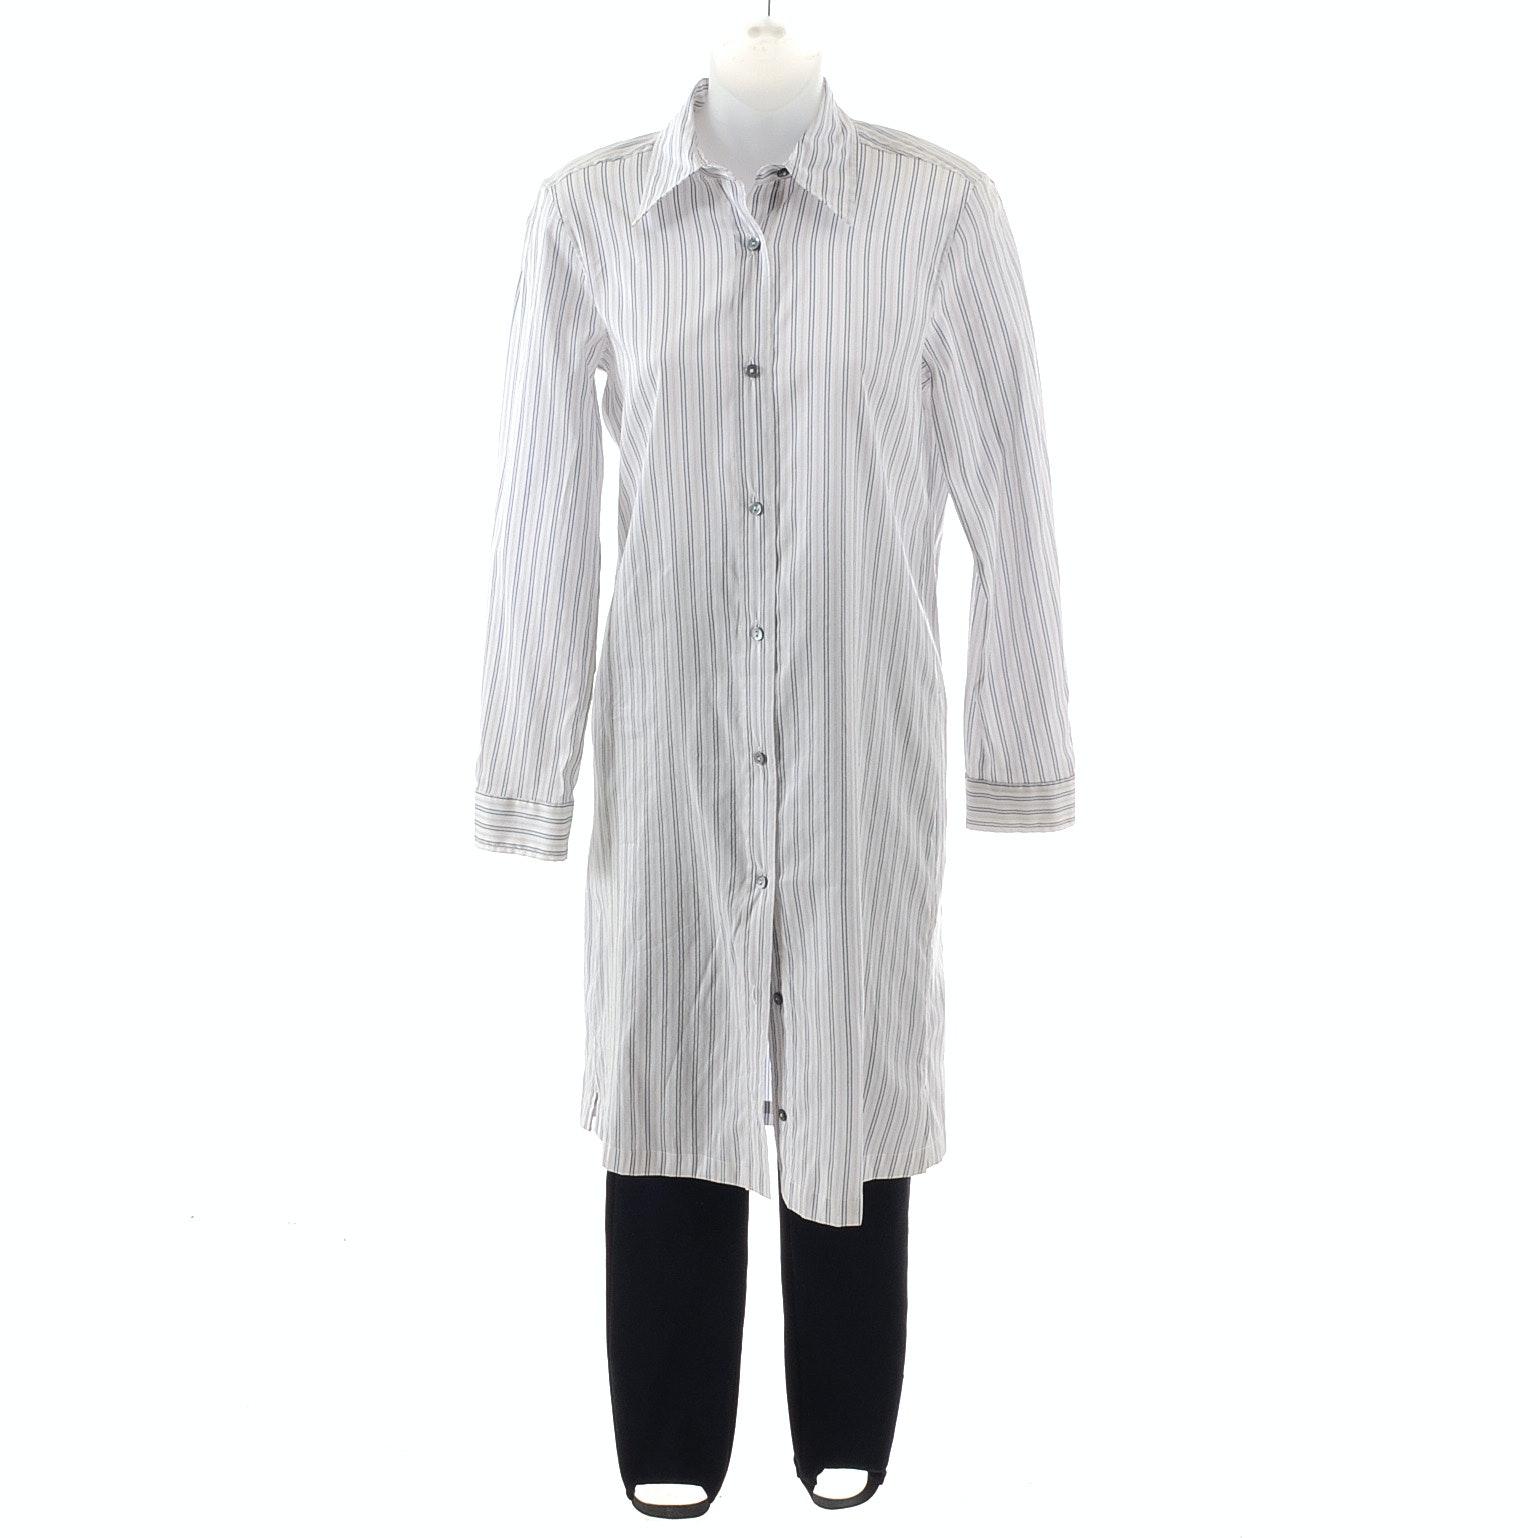 Donna Karan Pants and a Dress